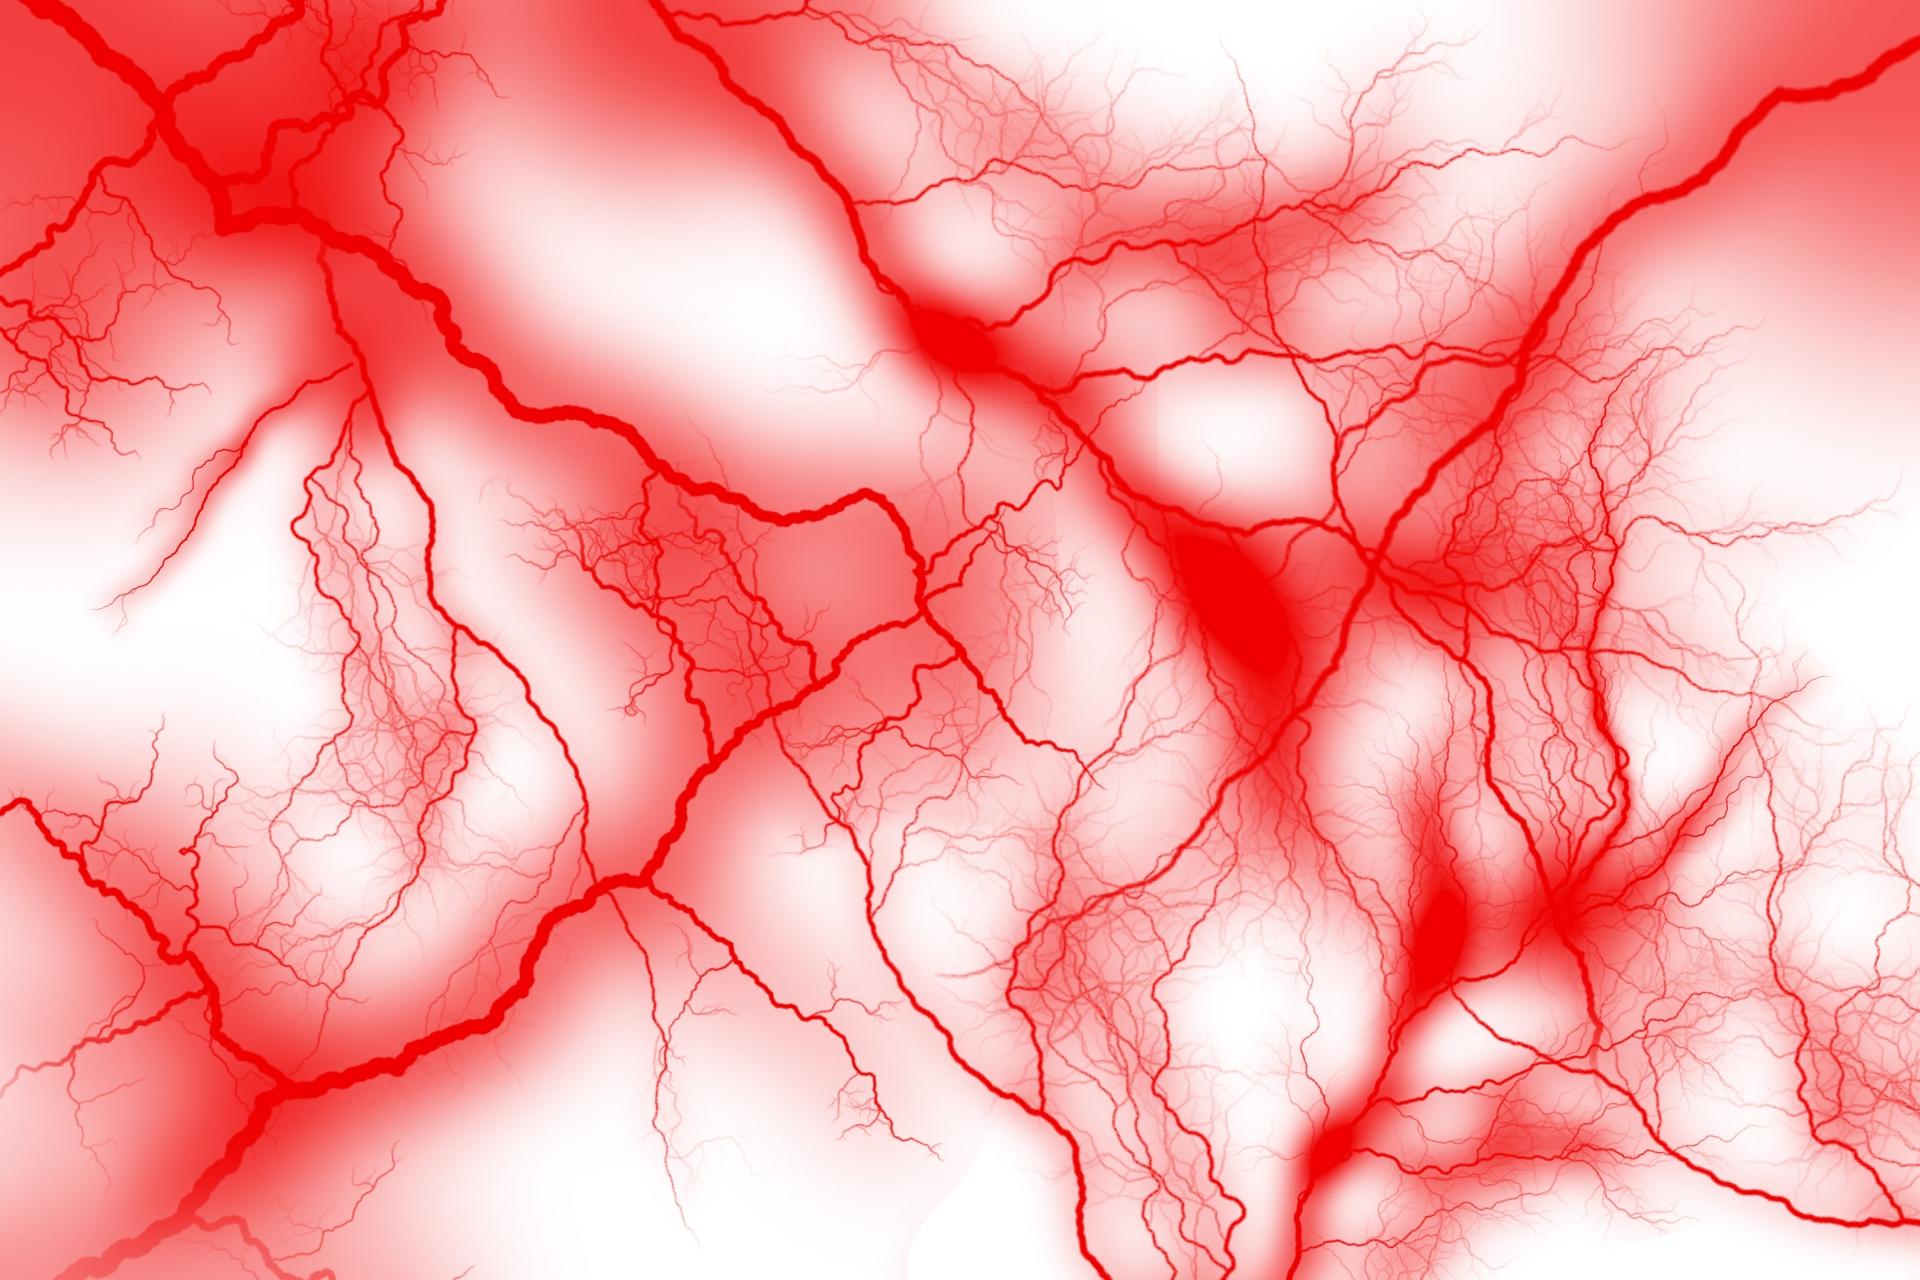 糖尿病合併症 細小血管障害